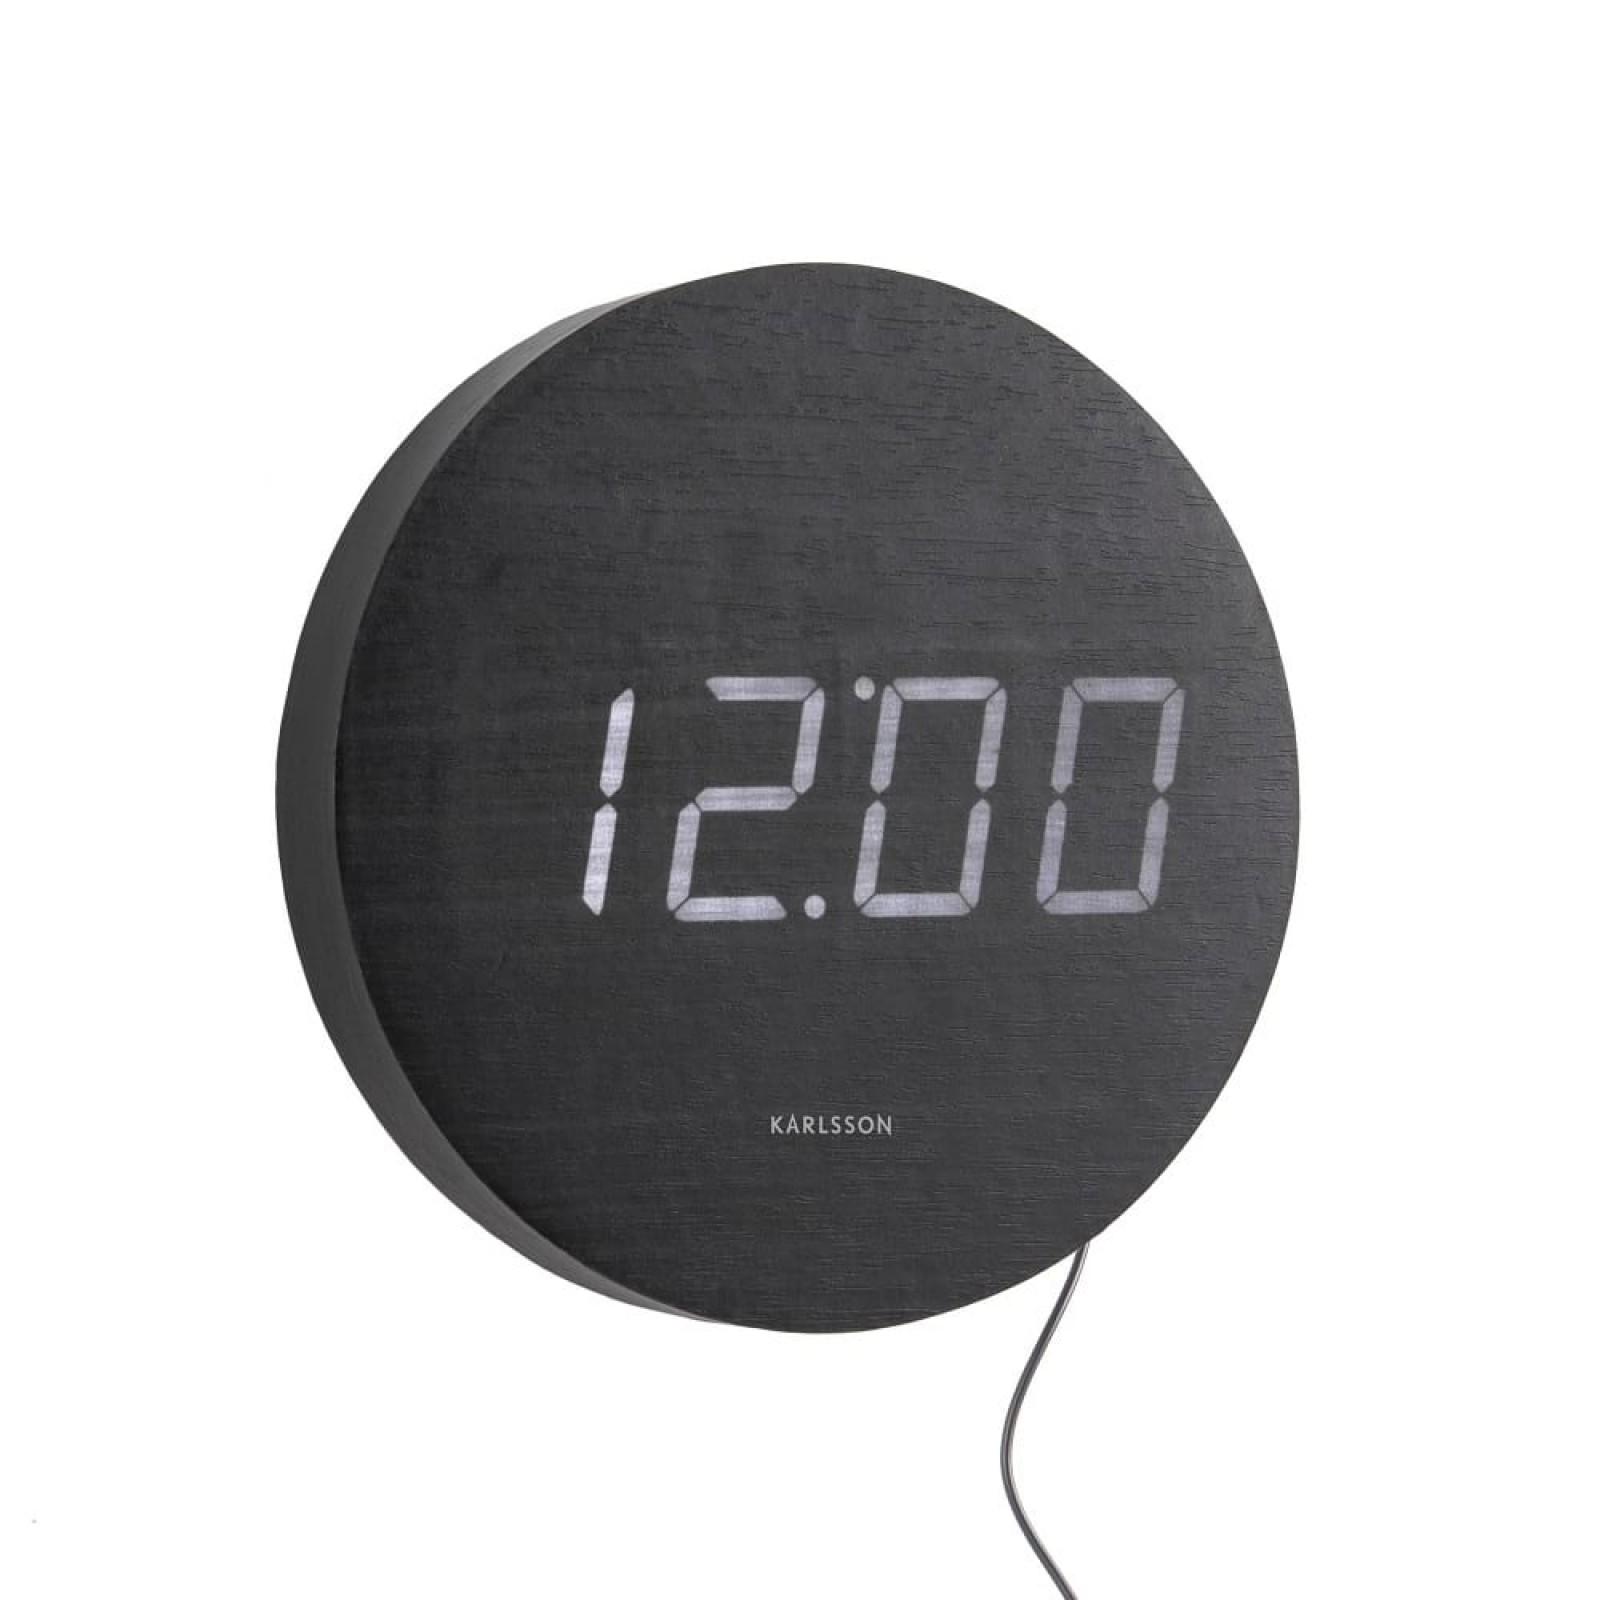 Ρολόι Τοίχου / Ξυπνητήρι Round Wood (Μαύρο) - Karlsson